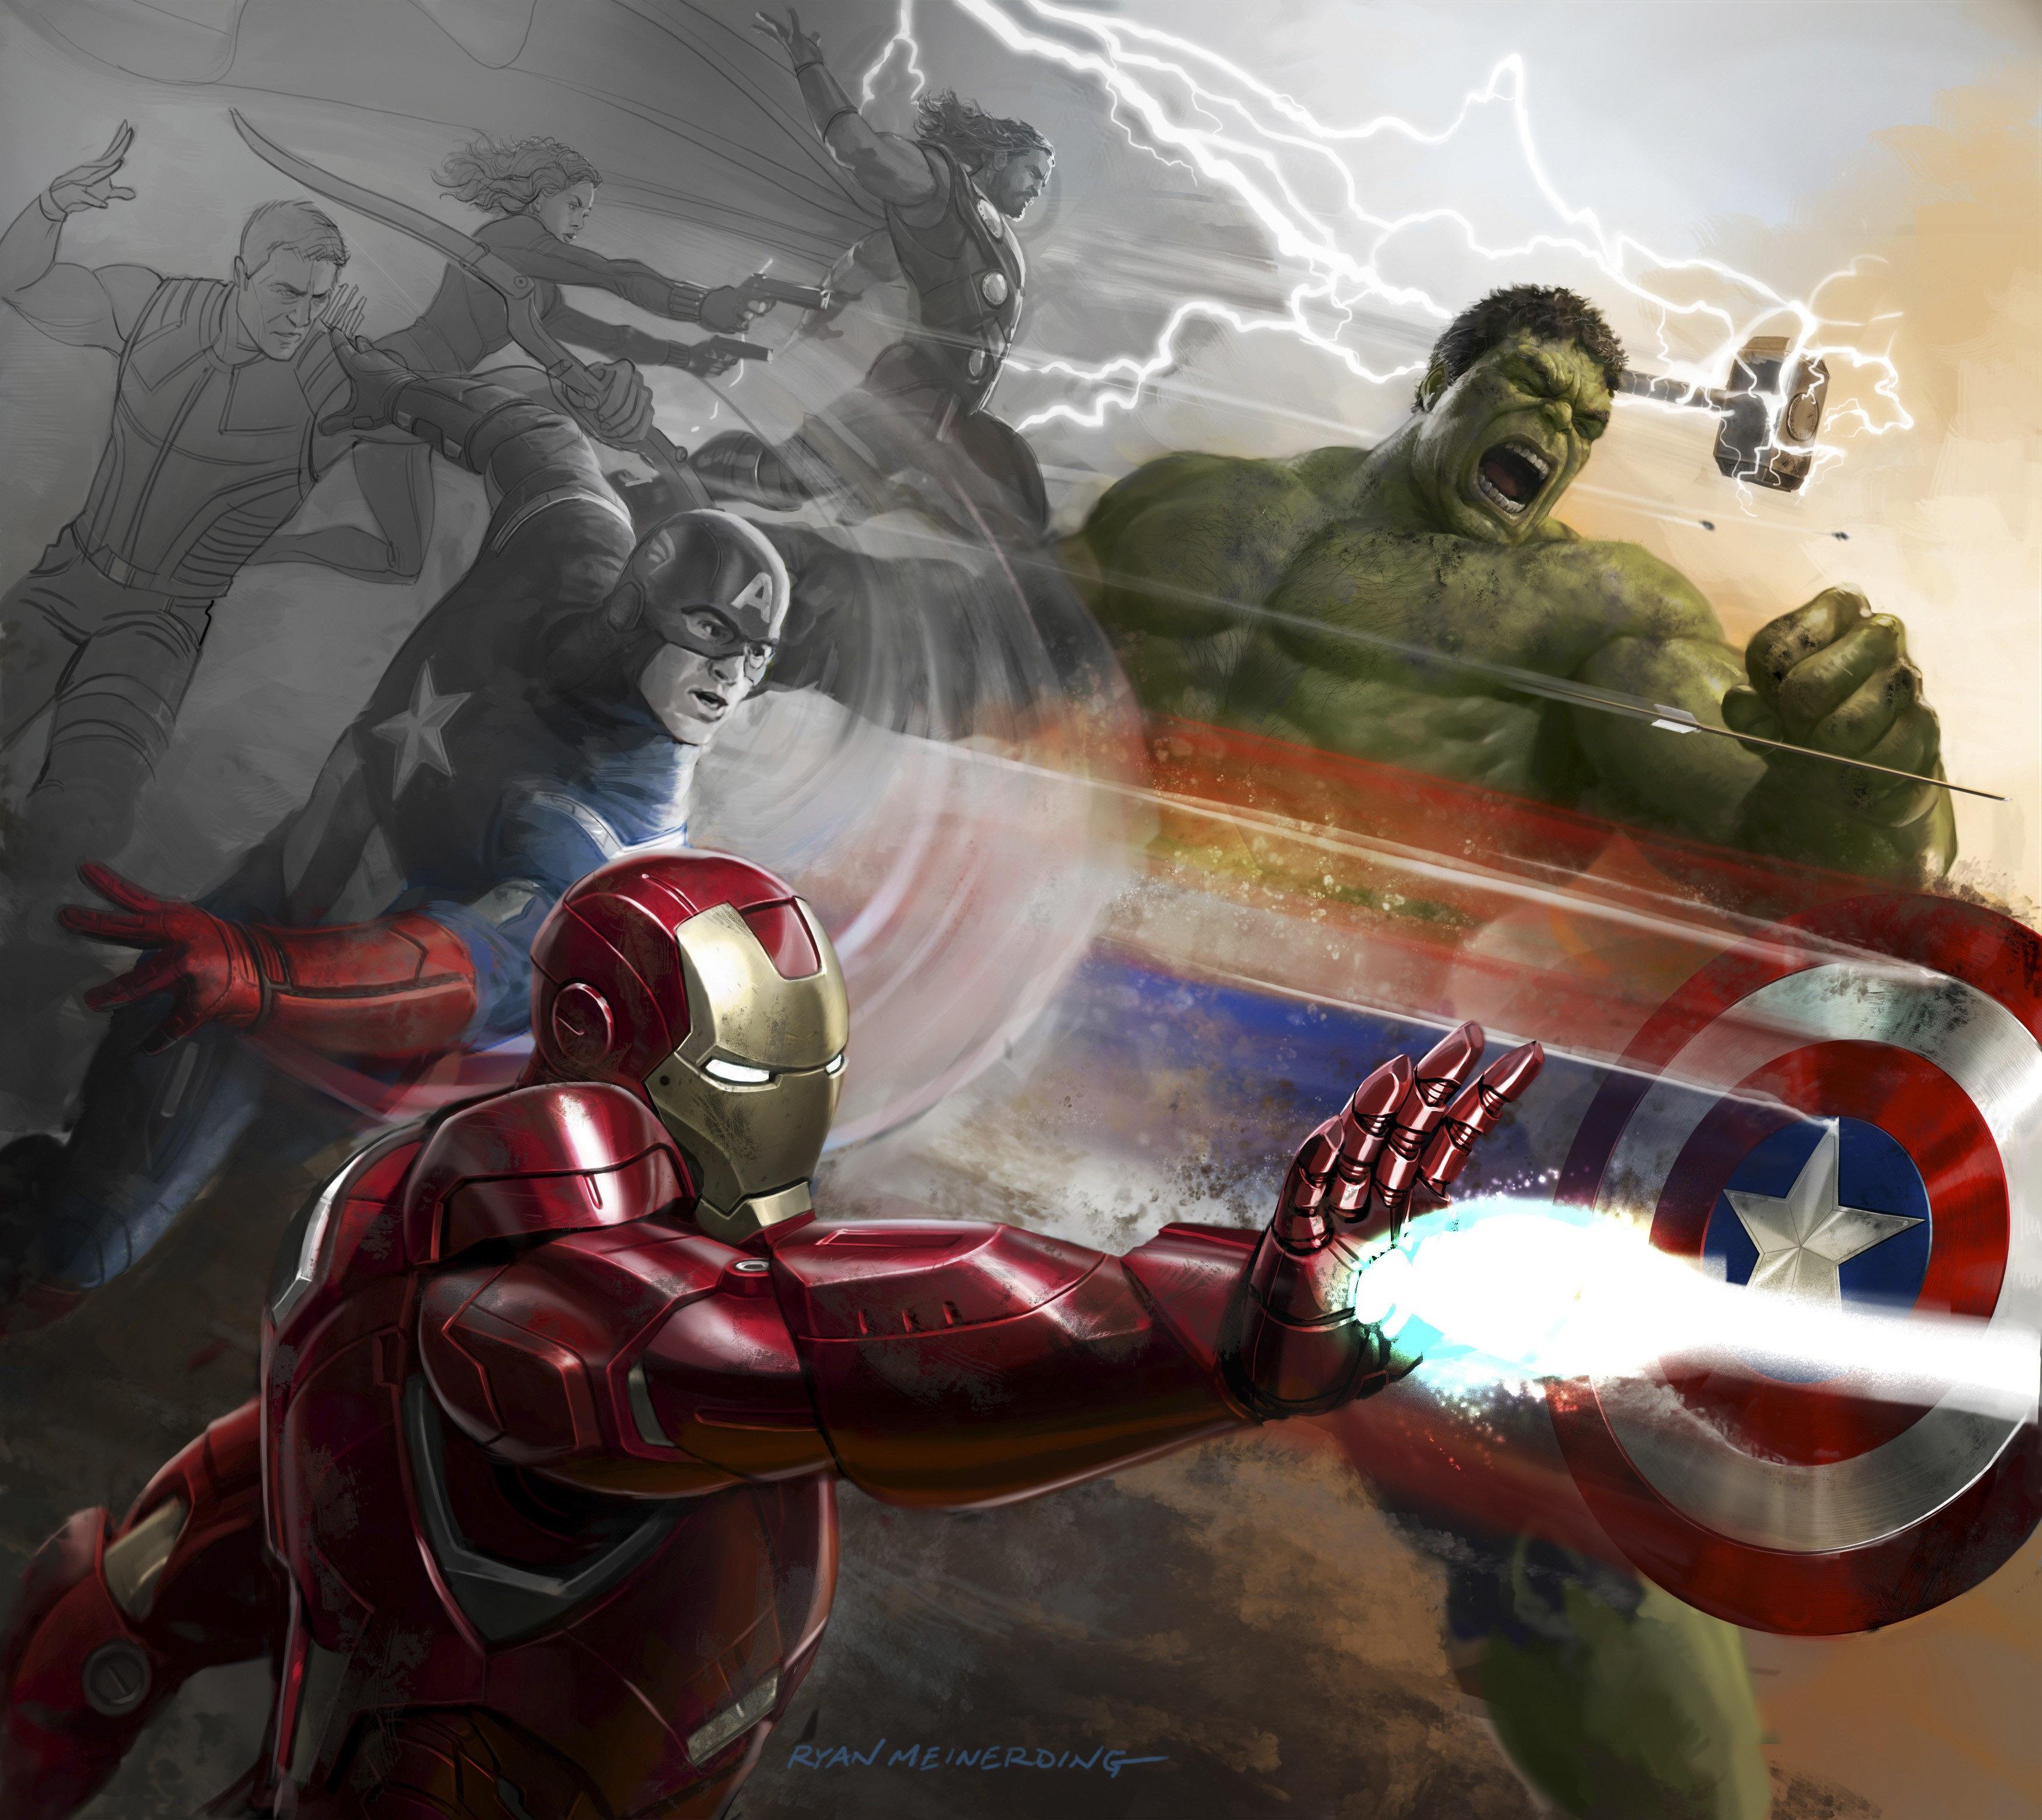 Fotografía facilitada por Marvel, cuyo universo imaginario acoge Australia en la mayor exposición sobre el mismo, con más de 500 objetos vinculados a legendarios superhéroes como Iron Man, Hulk o Spiderman, que han saltado de los cómics a la pantalla grande. - FOTO: EFE